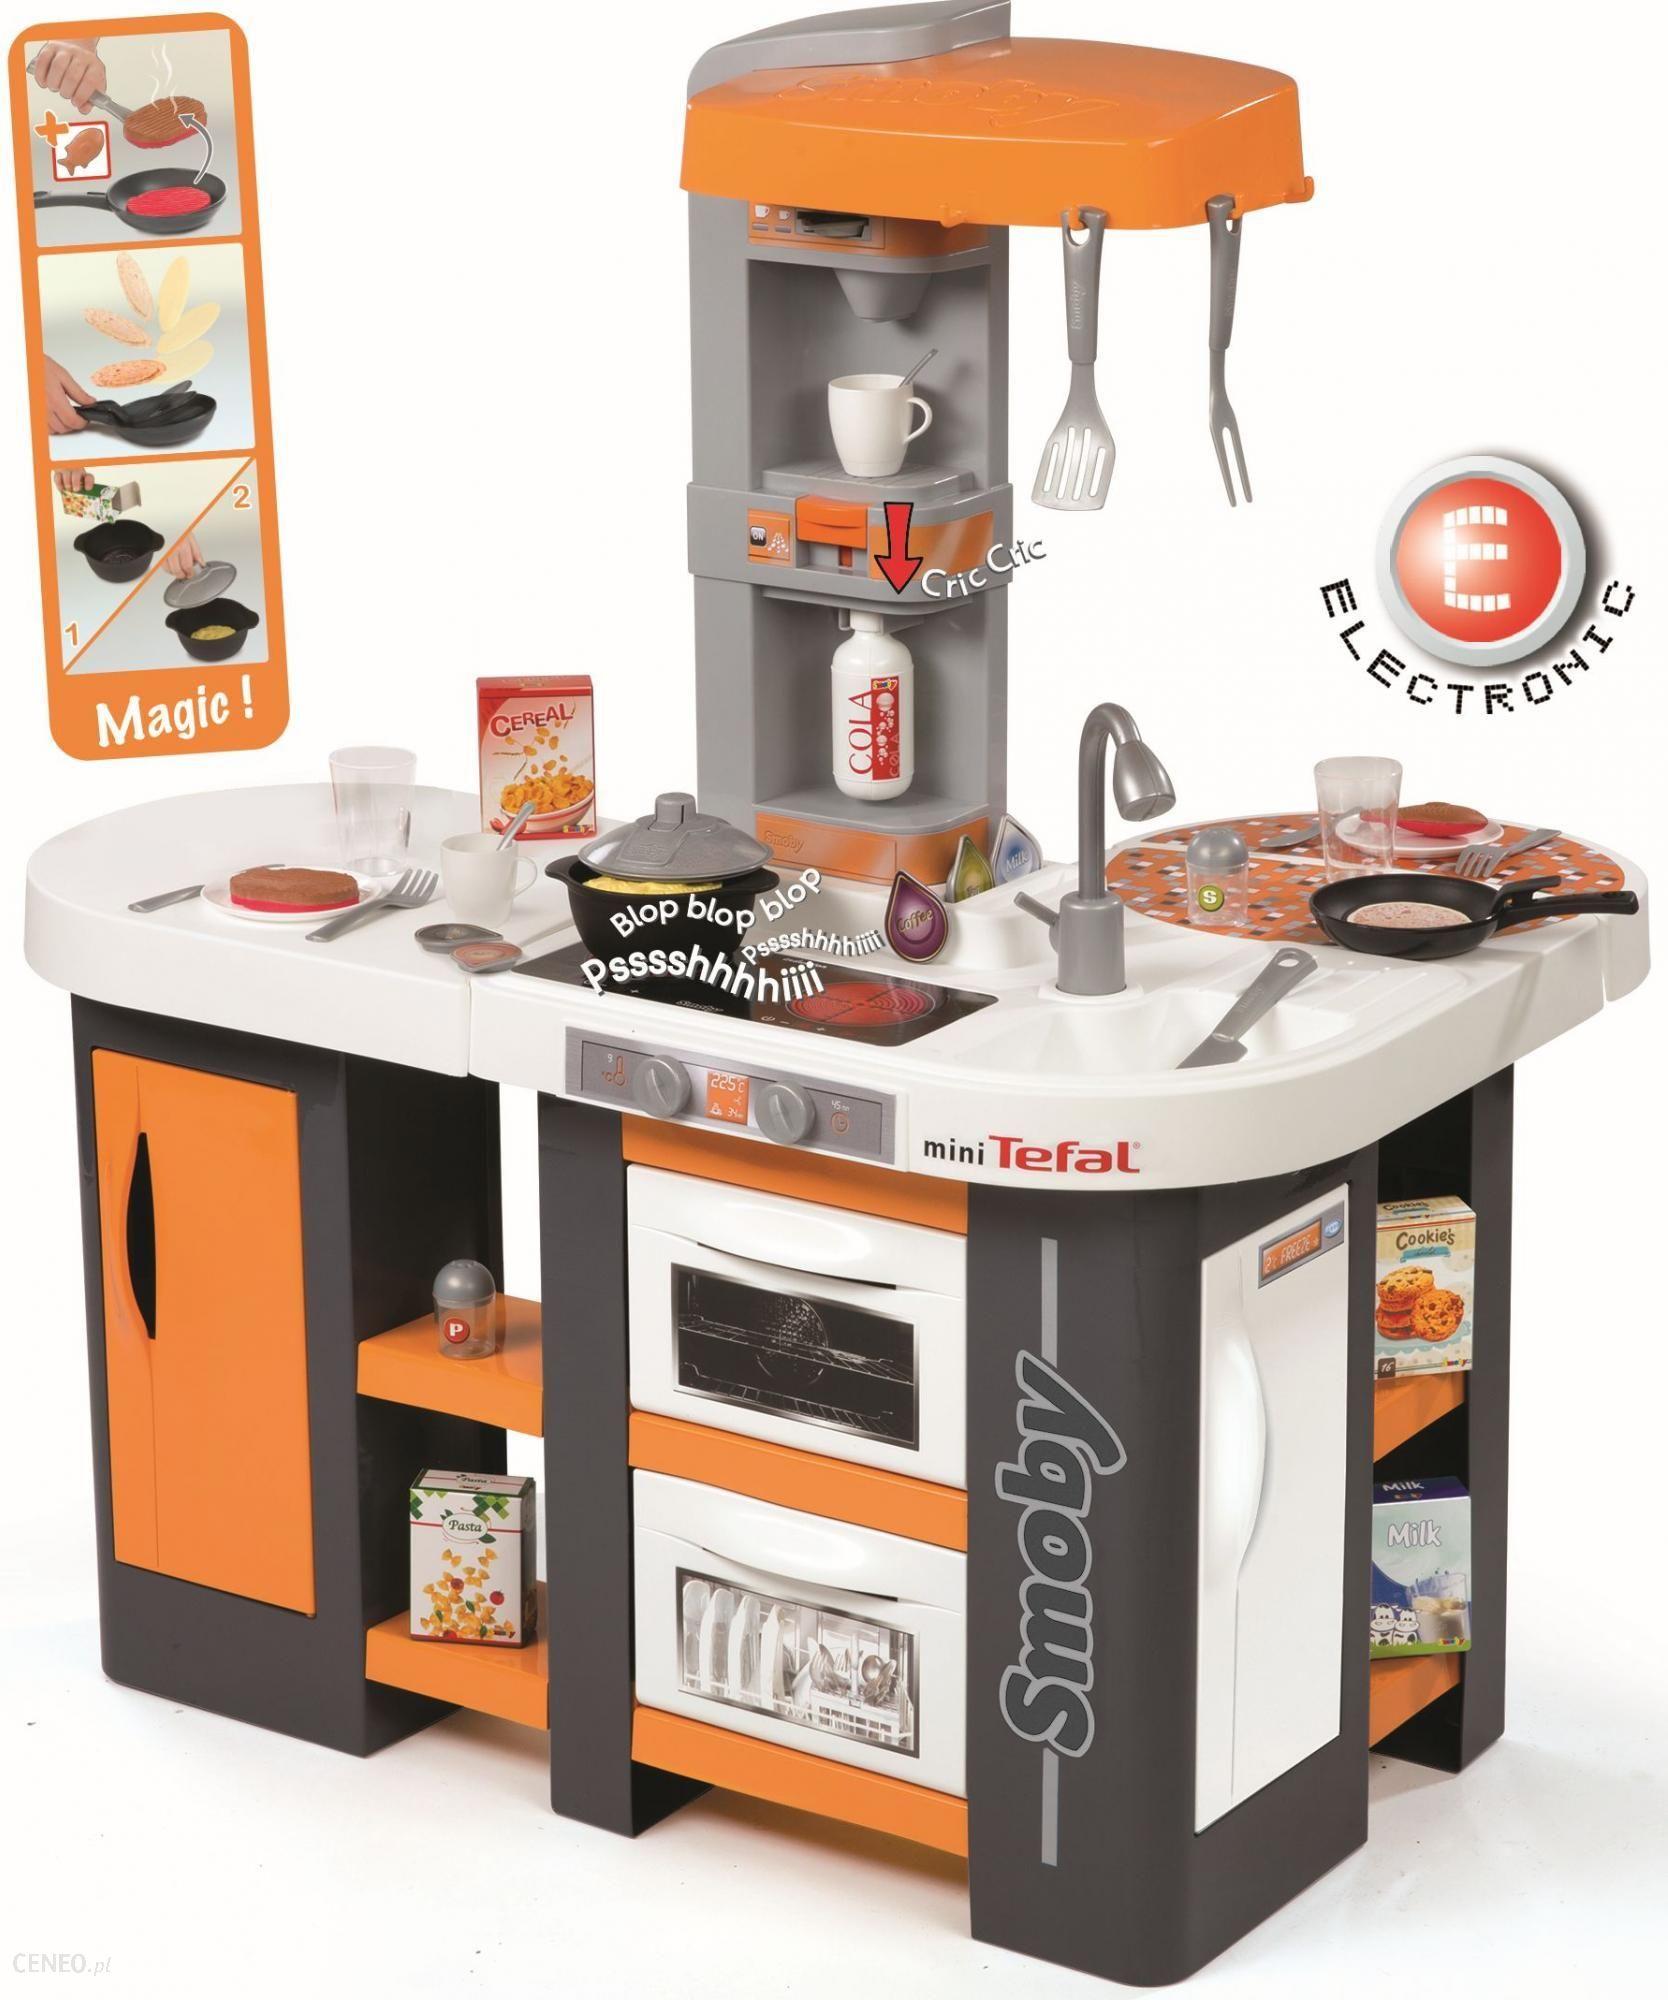 Kuchnia Smoby Studio Xl Bobas Biz Pl Sklep Internetowy